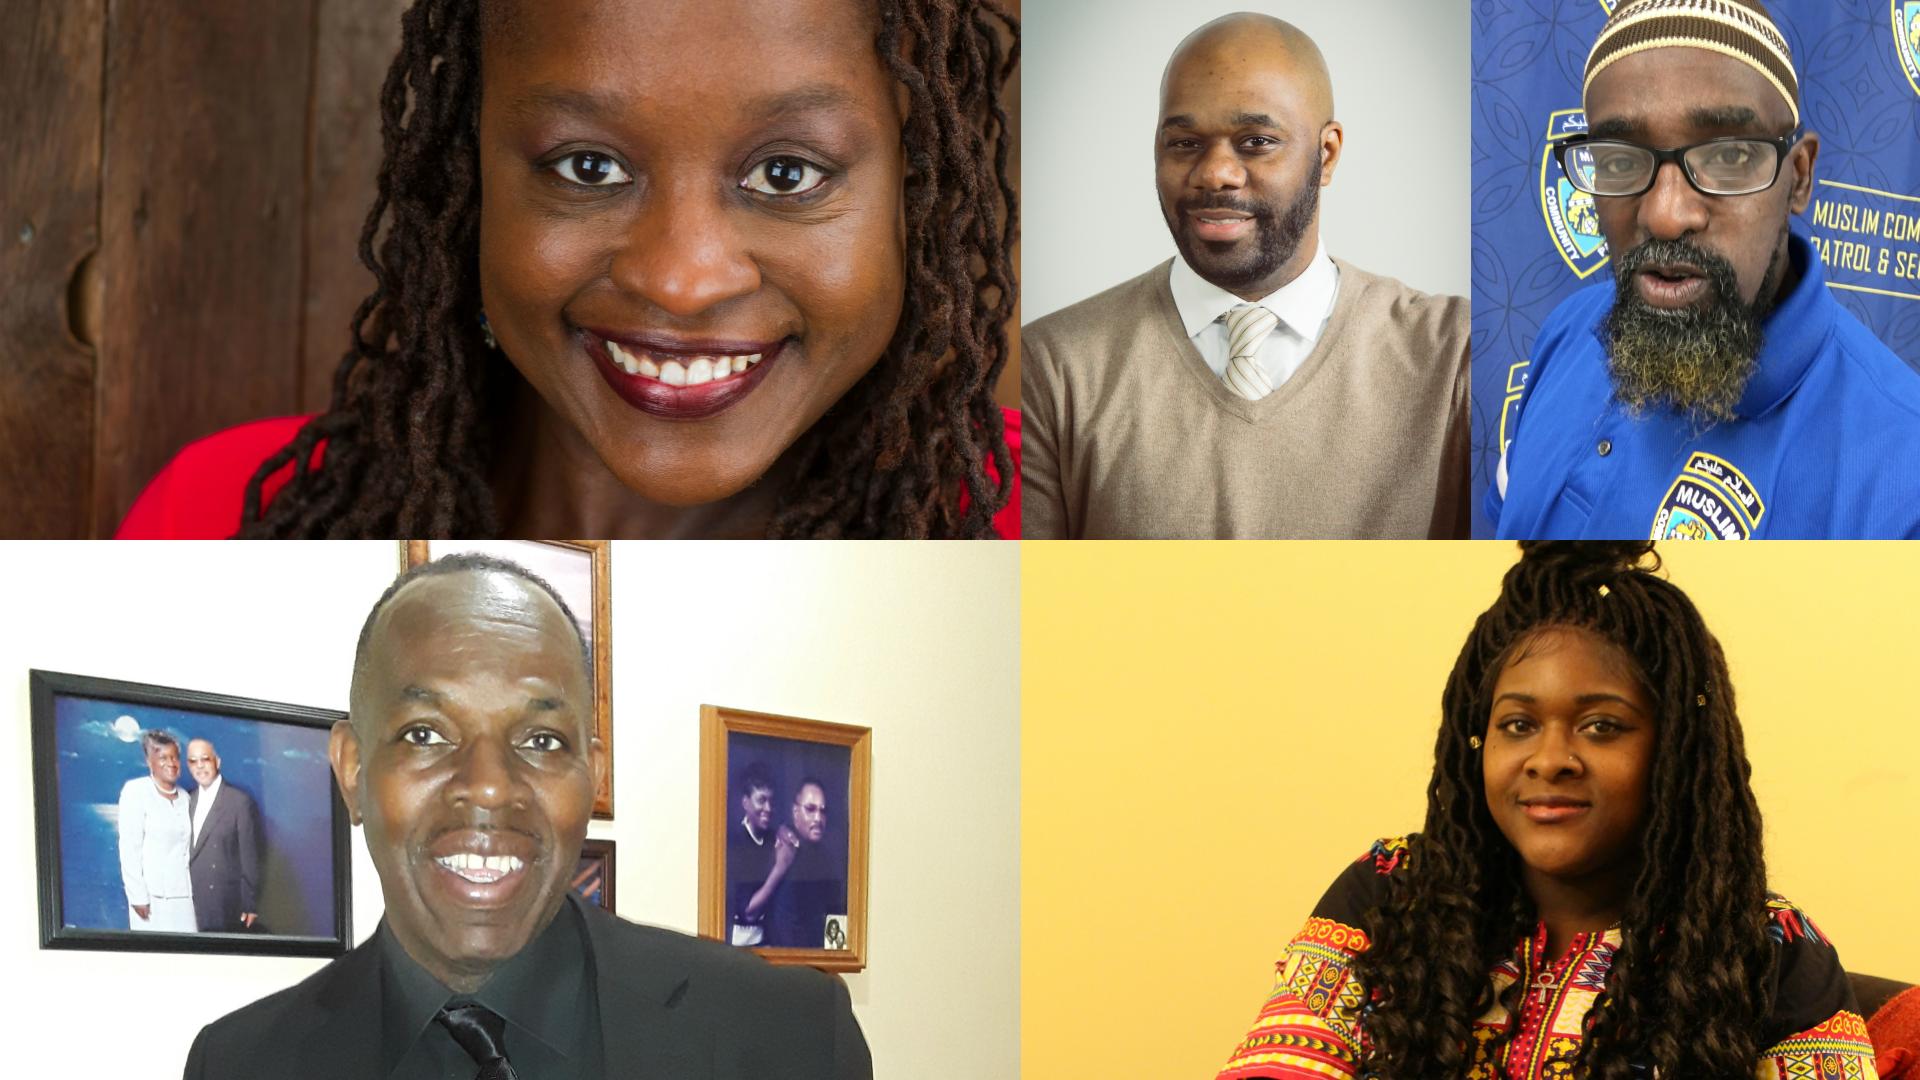 Celebrating Black History Black Tv Matters Reclaiming The Narrative Bric